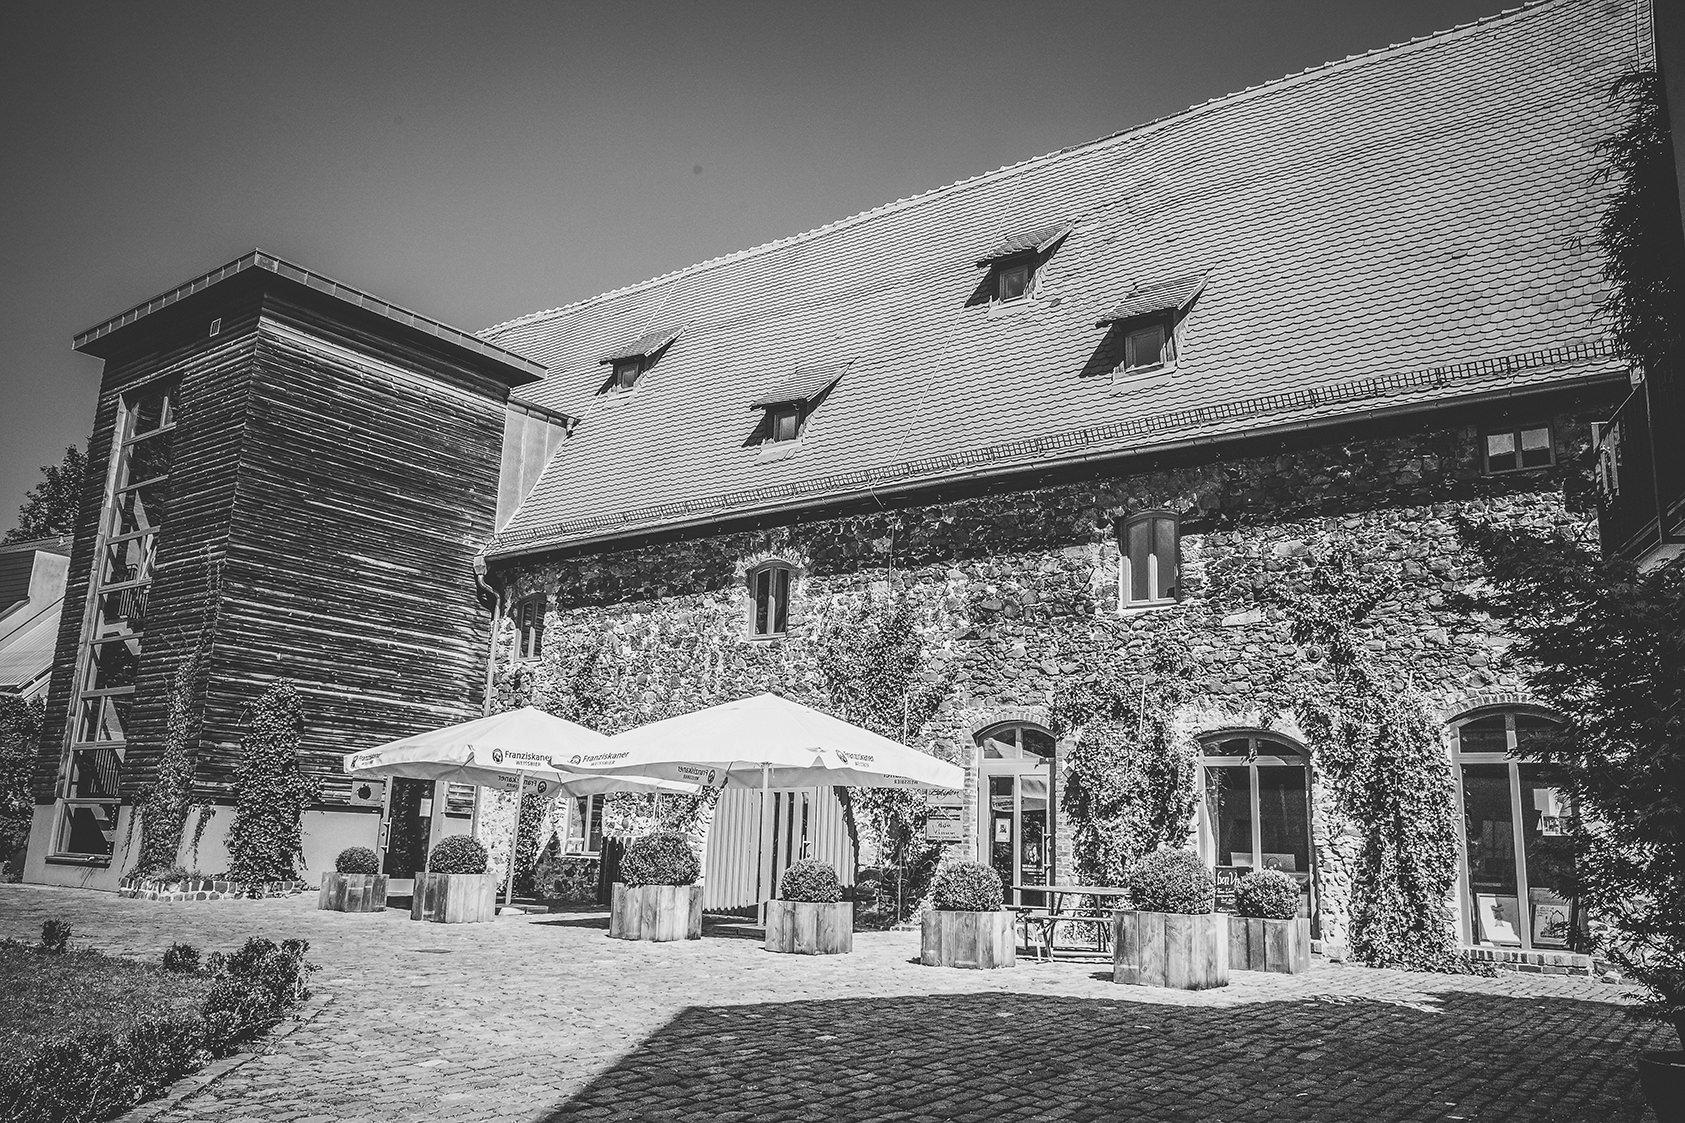 Hochzeitsreportage-Zehntscheune-Hanau-Hochzeitsfotograf-Vintage-schwwarzweissfotografie-standesamtzehntscheune